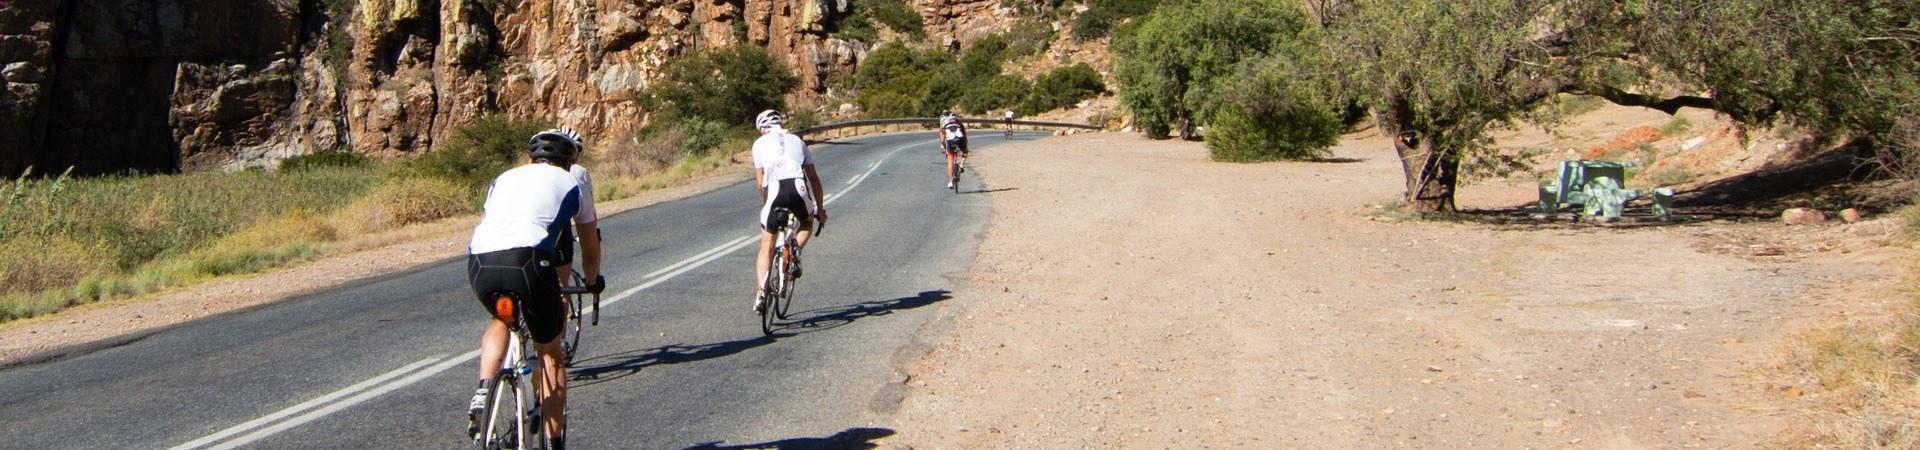 Rennradreise Südafrika Gardenroute